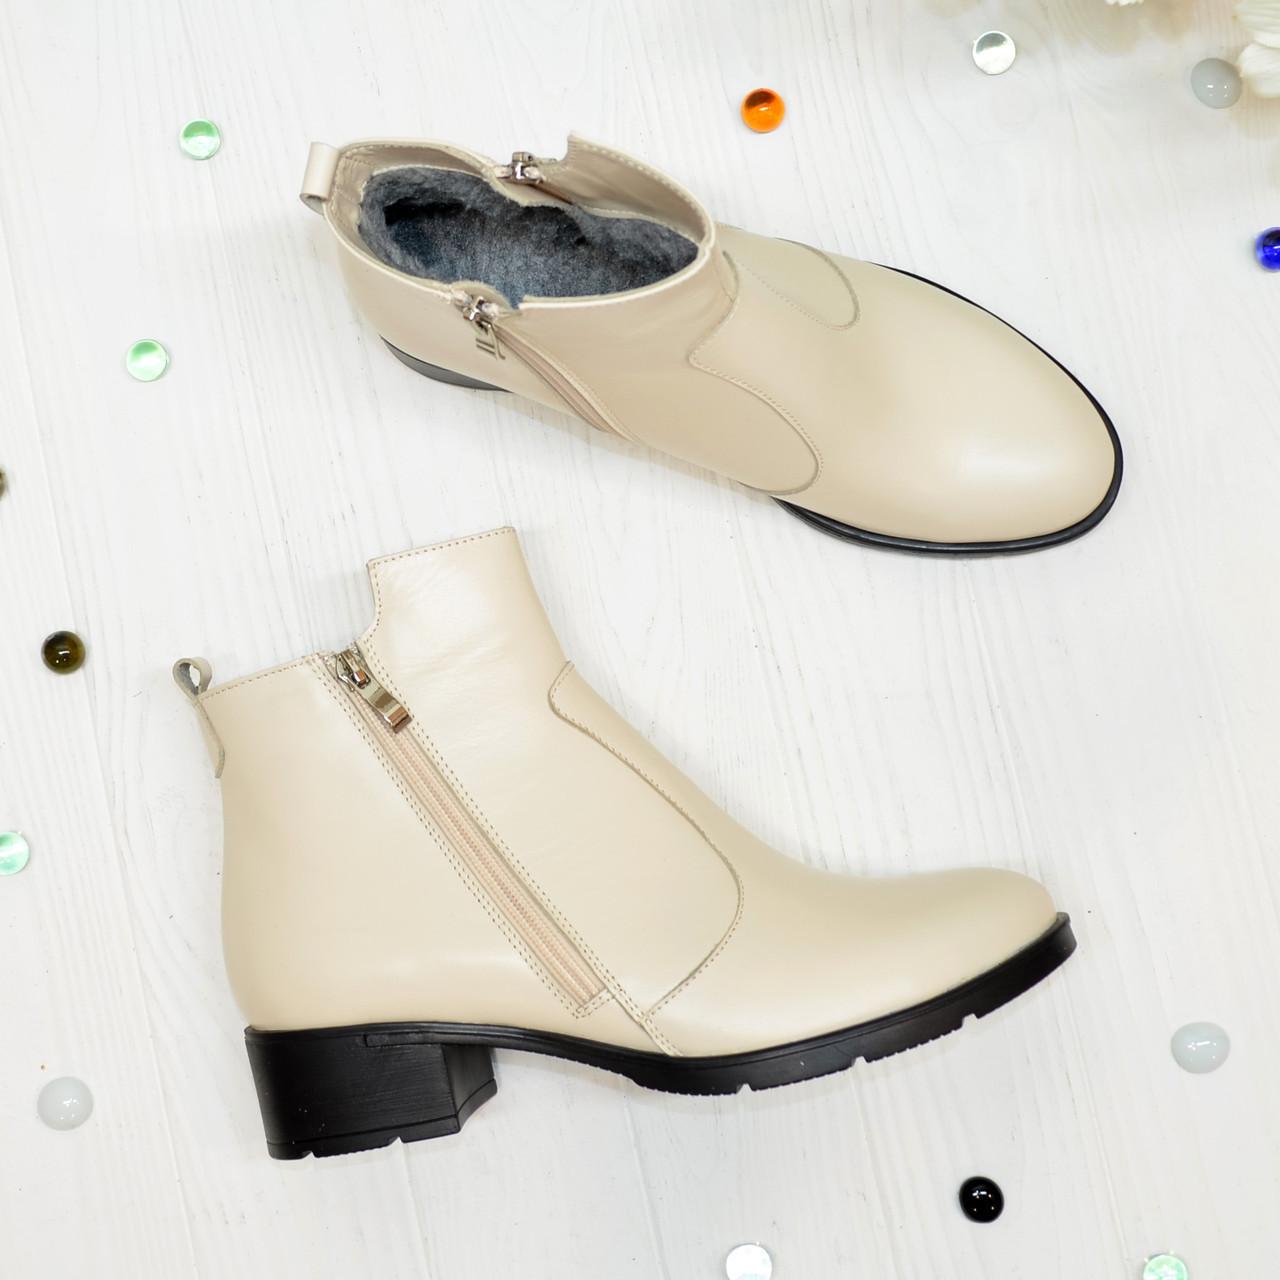 Полуботинки женские кожаные на невысоком каблуке, цвет бежевый